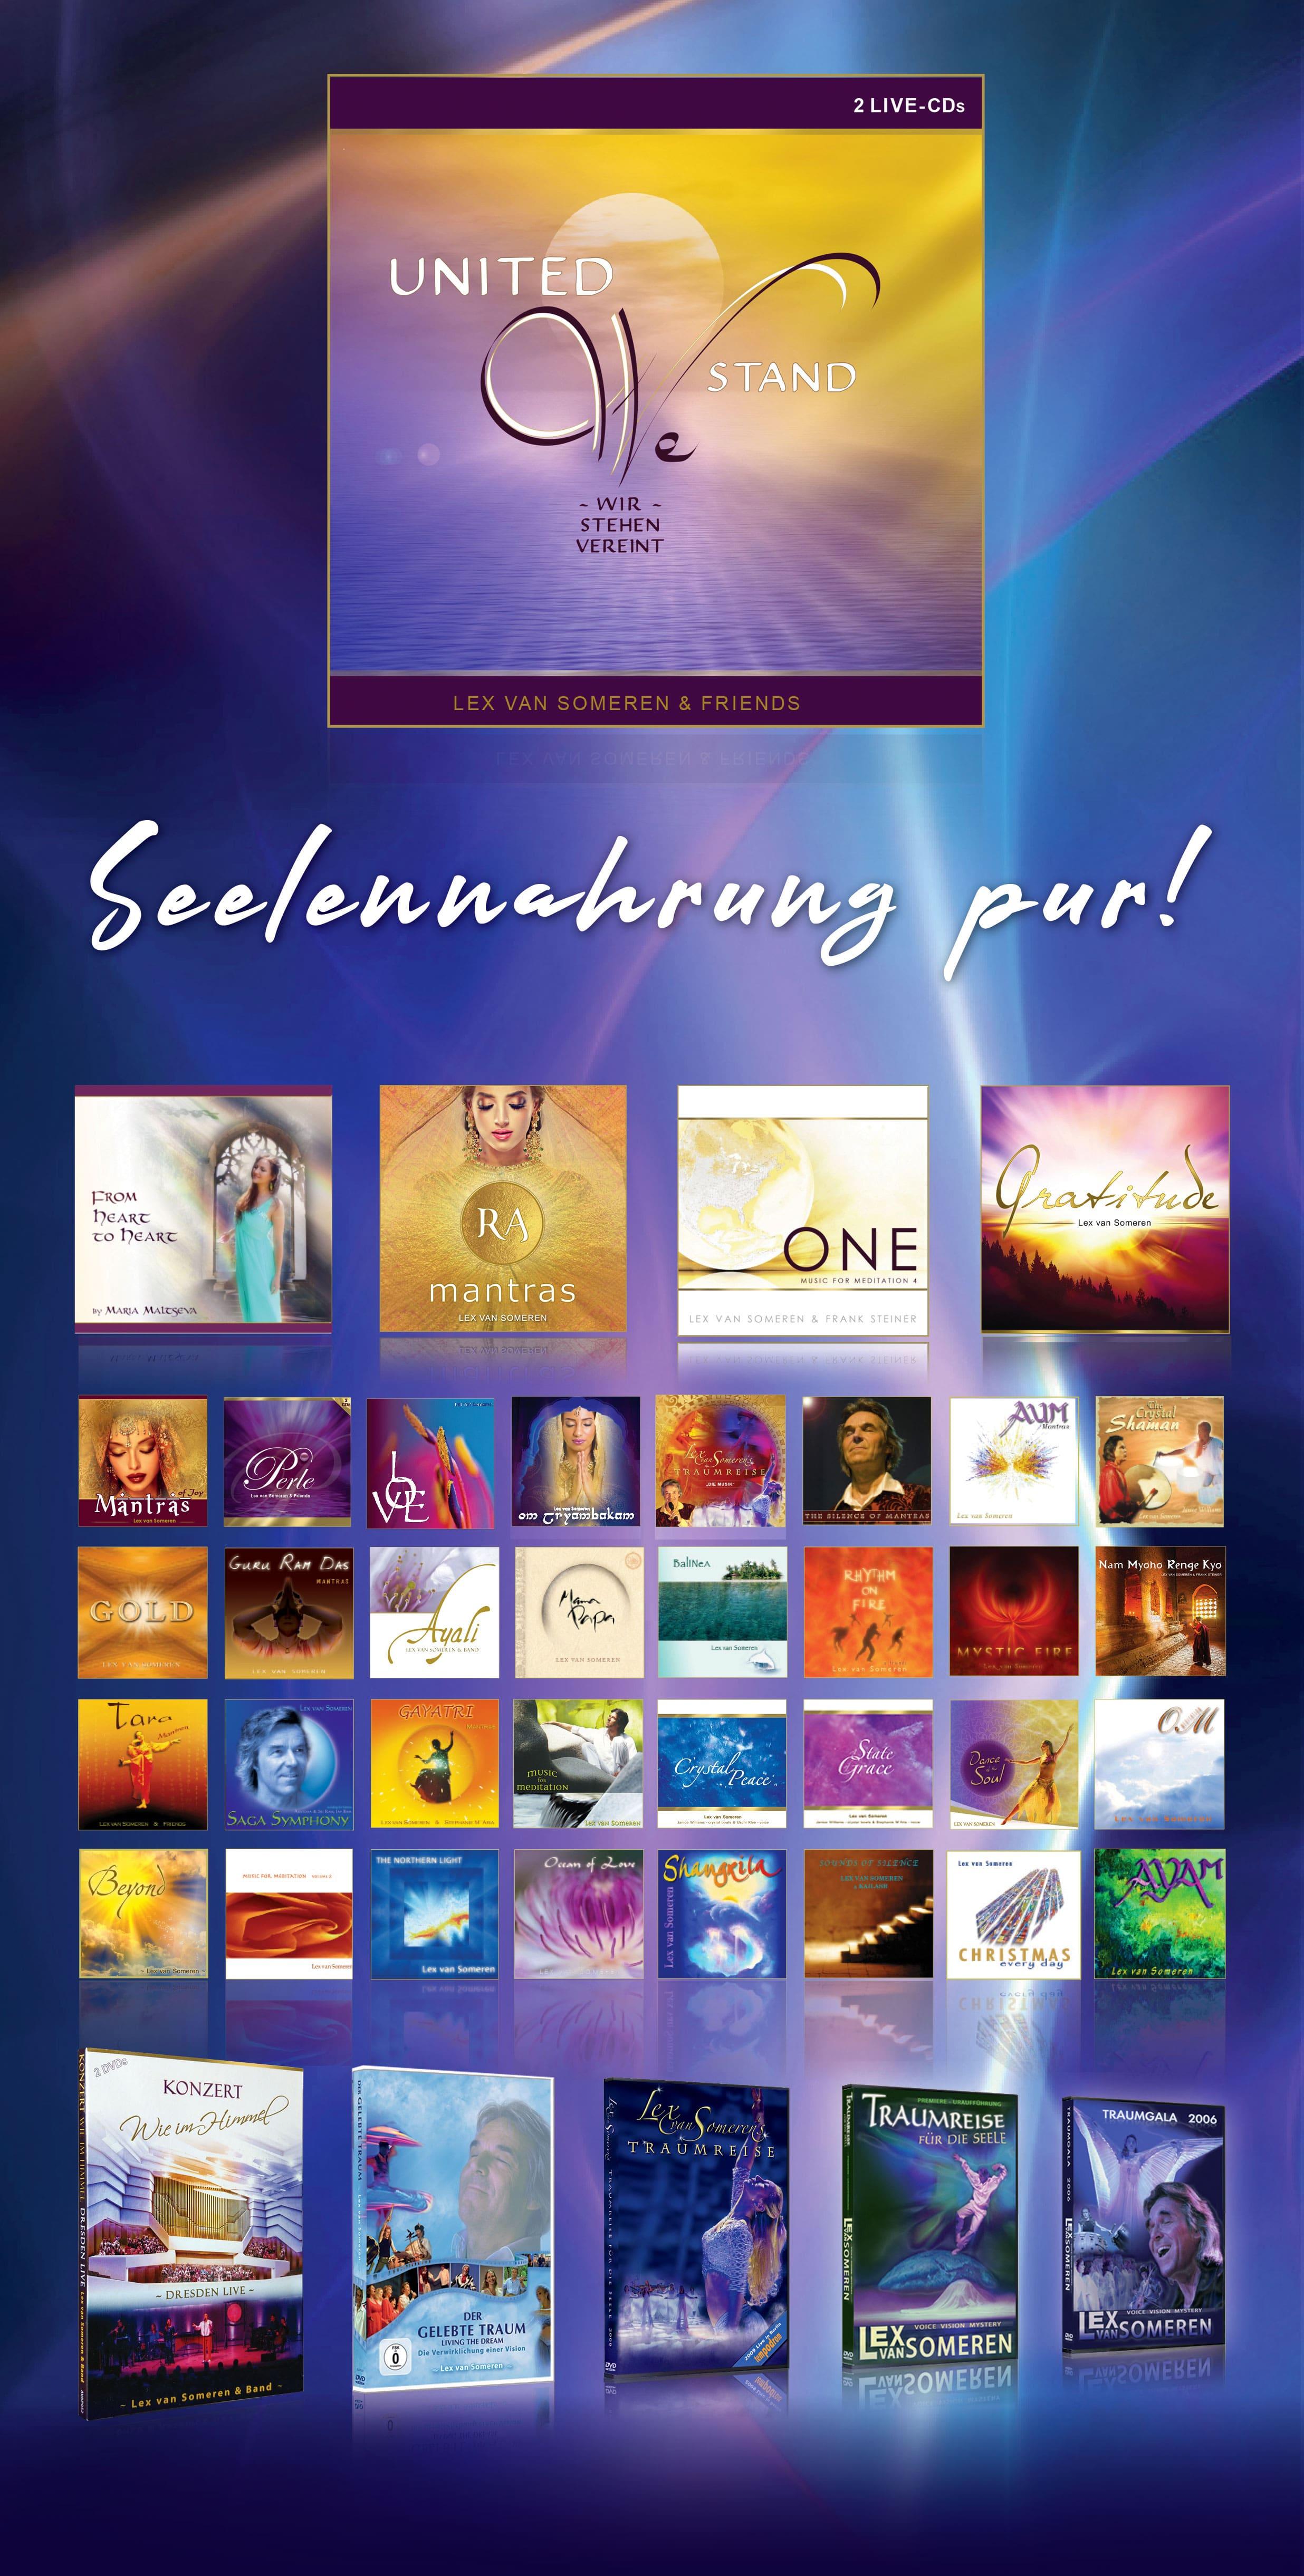 CDs und DVDs von Lex van Someren, CD/DVD-Shop